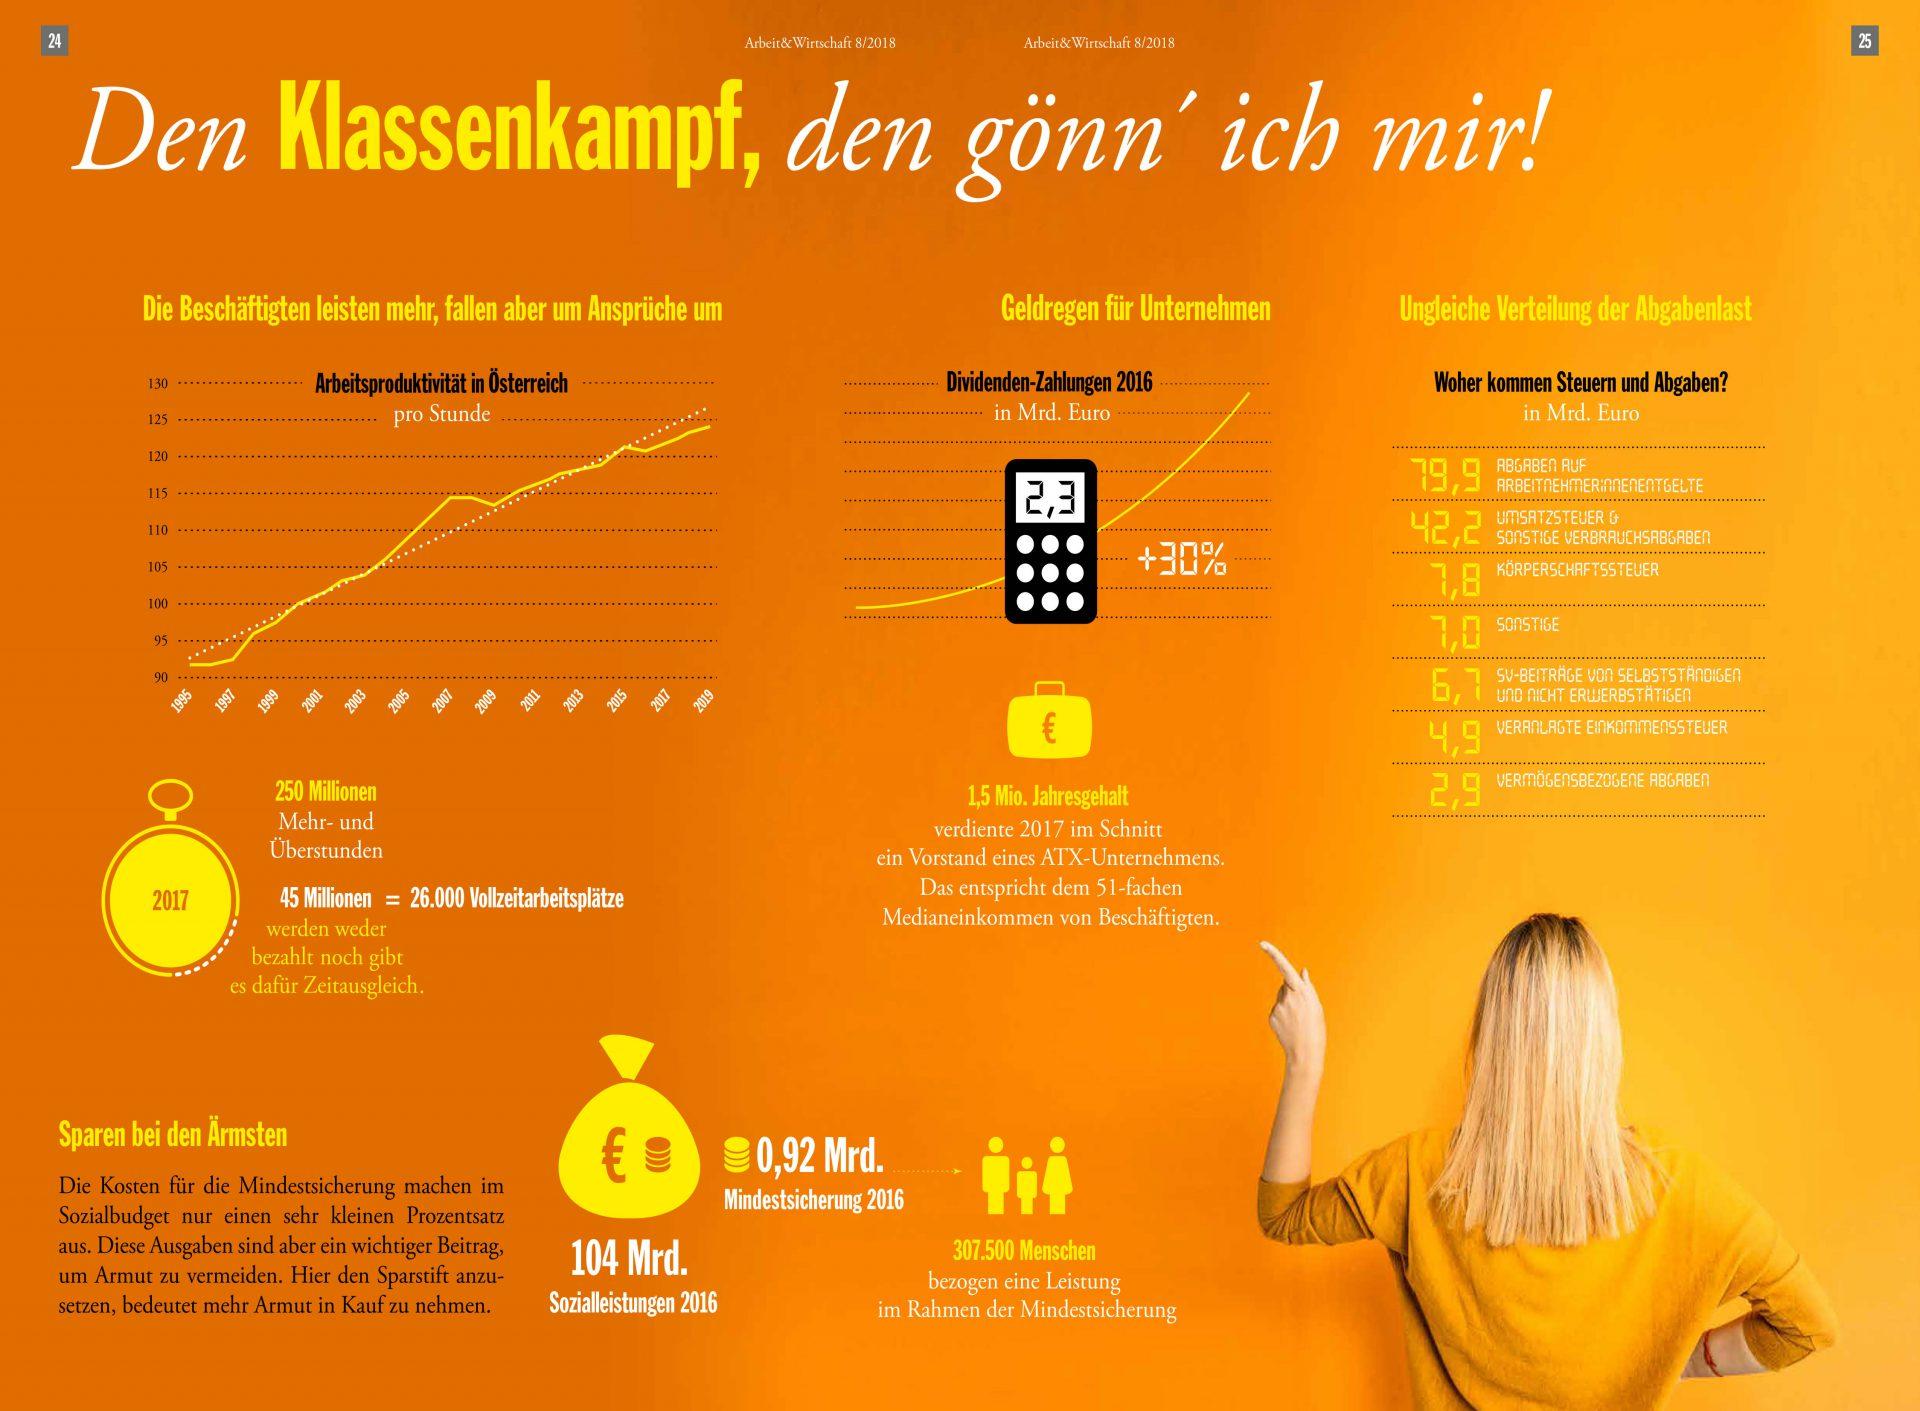 Infografik: Den Klassenkampf, den gönn ich mir! Was Beschäftigte leisten - und warum dennoch nur die Unternehmen vom Gewinn profitieren. Eine Übersicht über die ungleiche Verteilung der Abgabenlast.